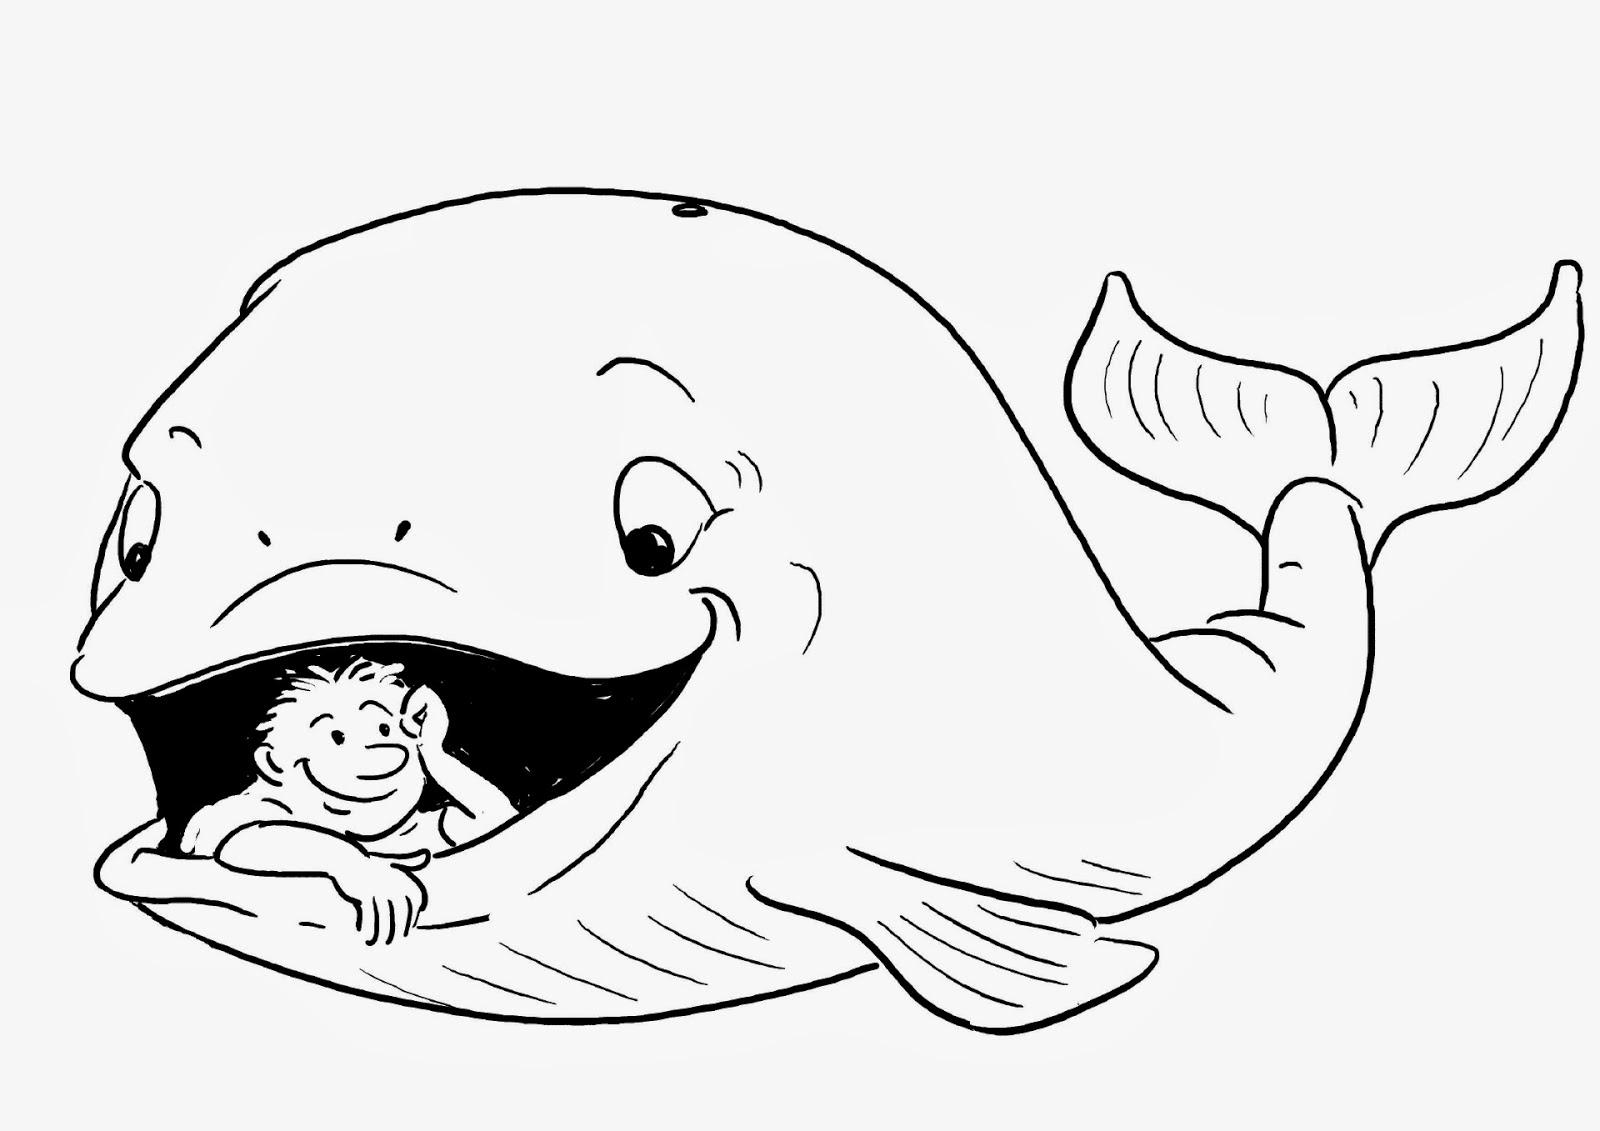 jonas dibujos para colorear jonas 1 jonas y la ballena clase dominical para niños y dibujos jonas colorear para